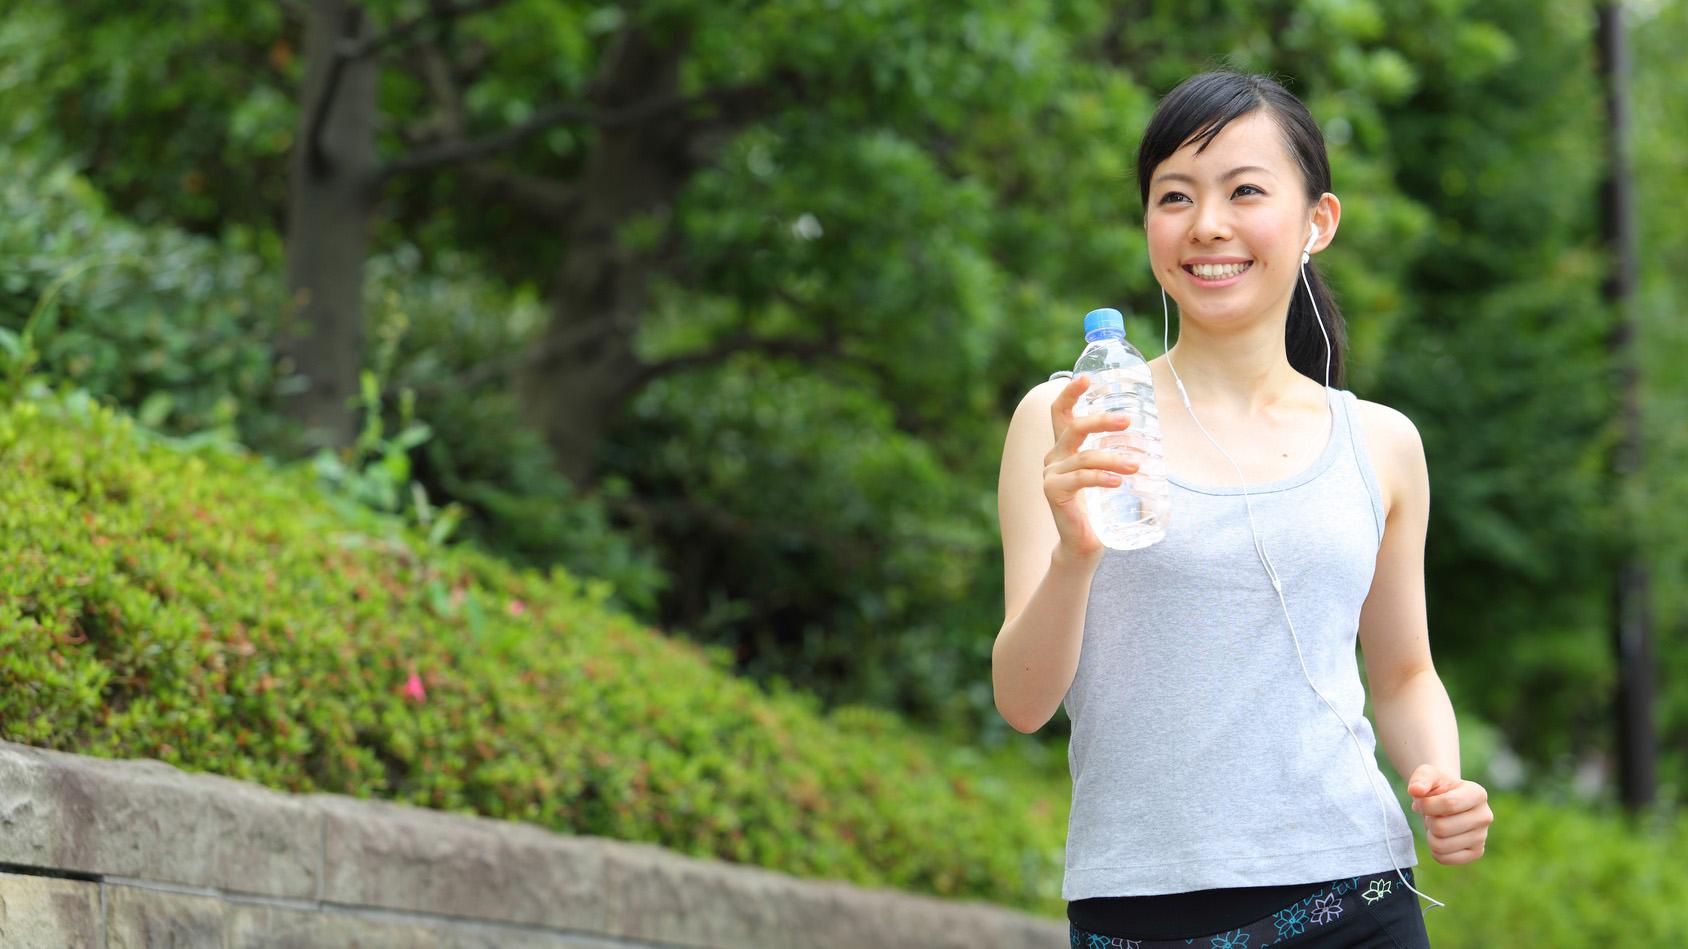 ダイエット効果を高める!有酸素運動の方法について